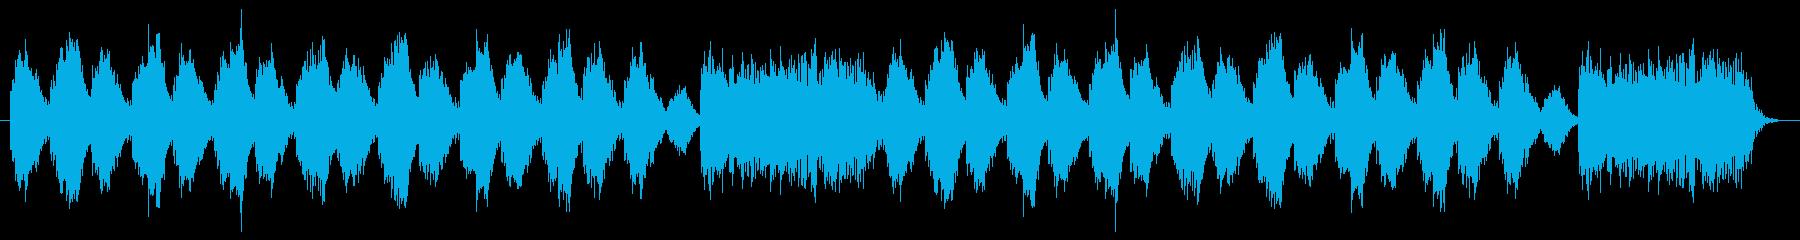 ドラマティックで切ないメロディーの再生済みの波形